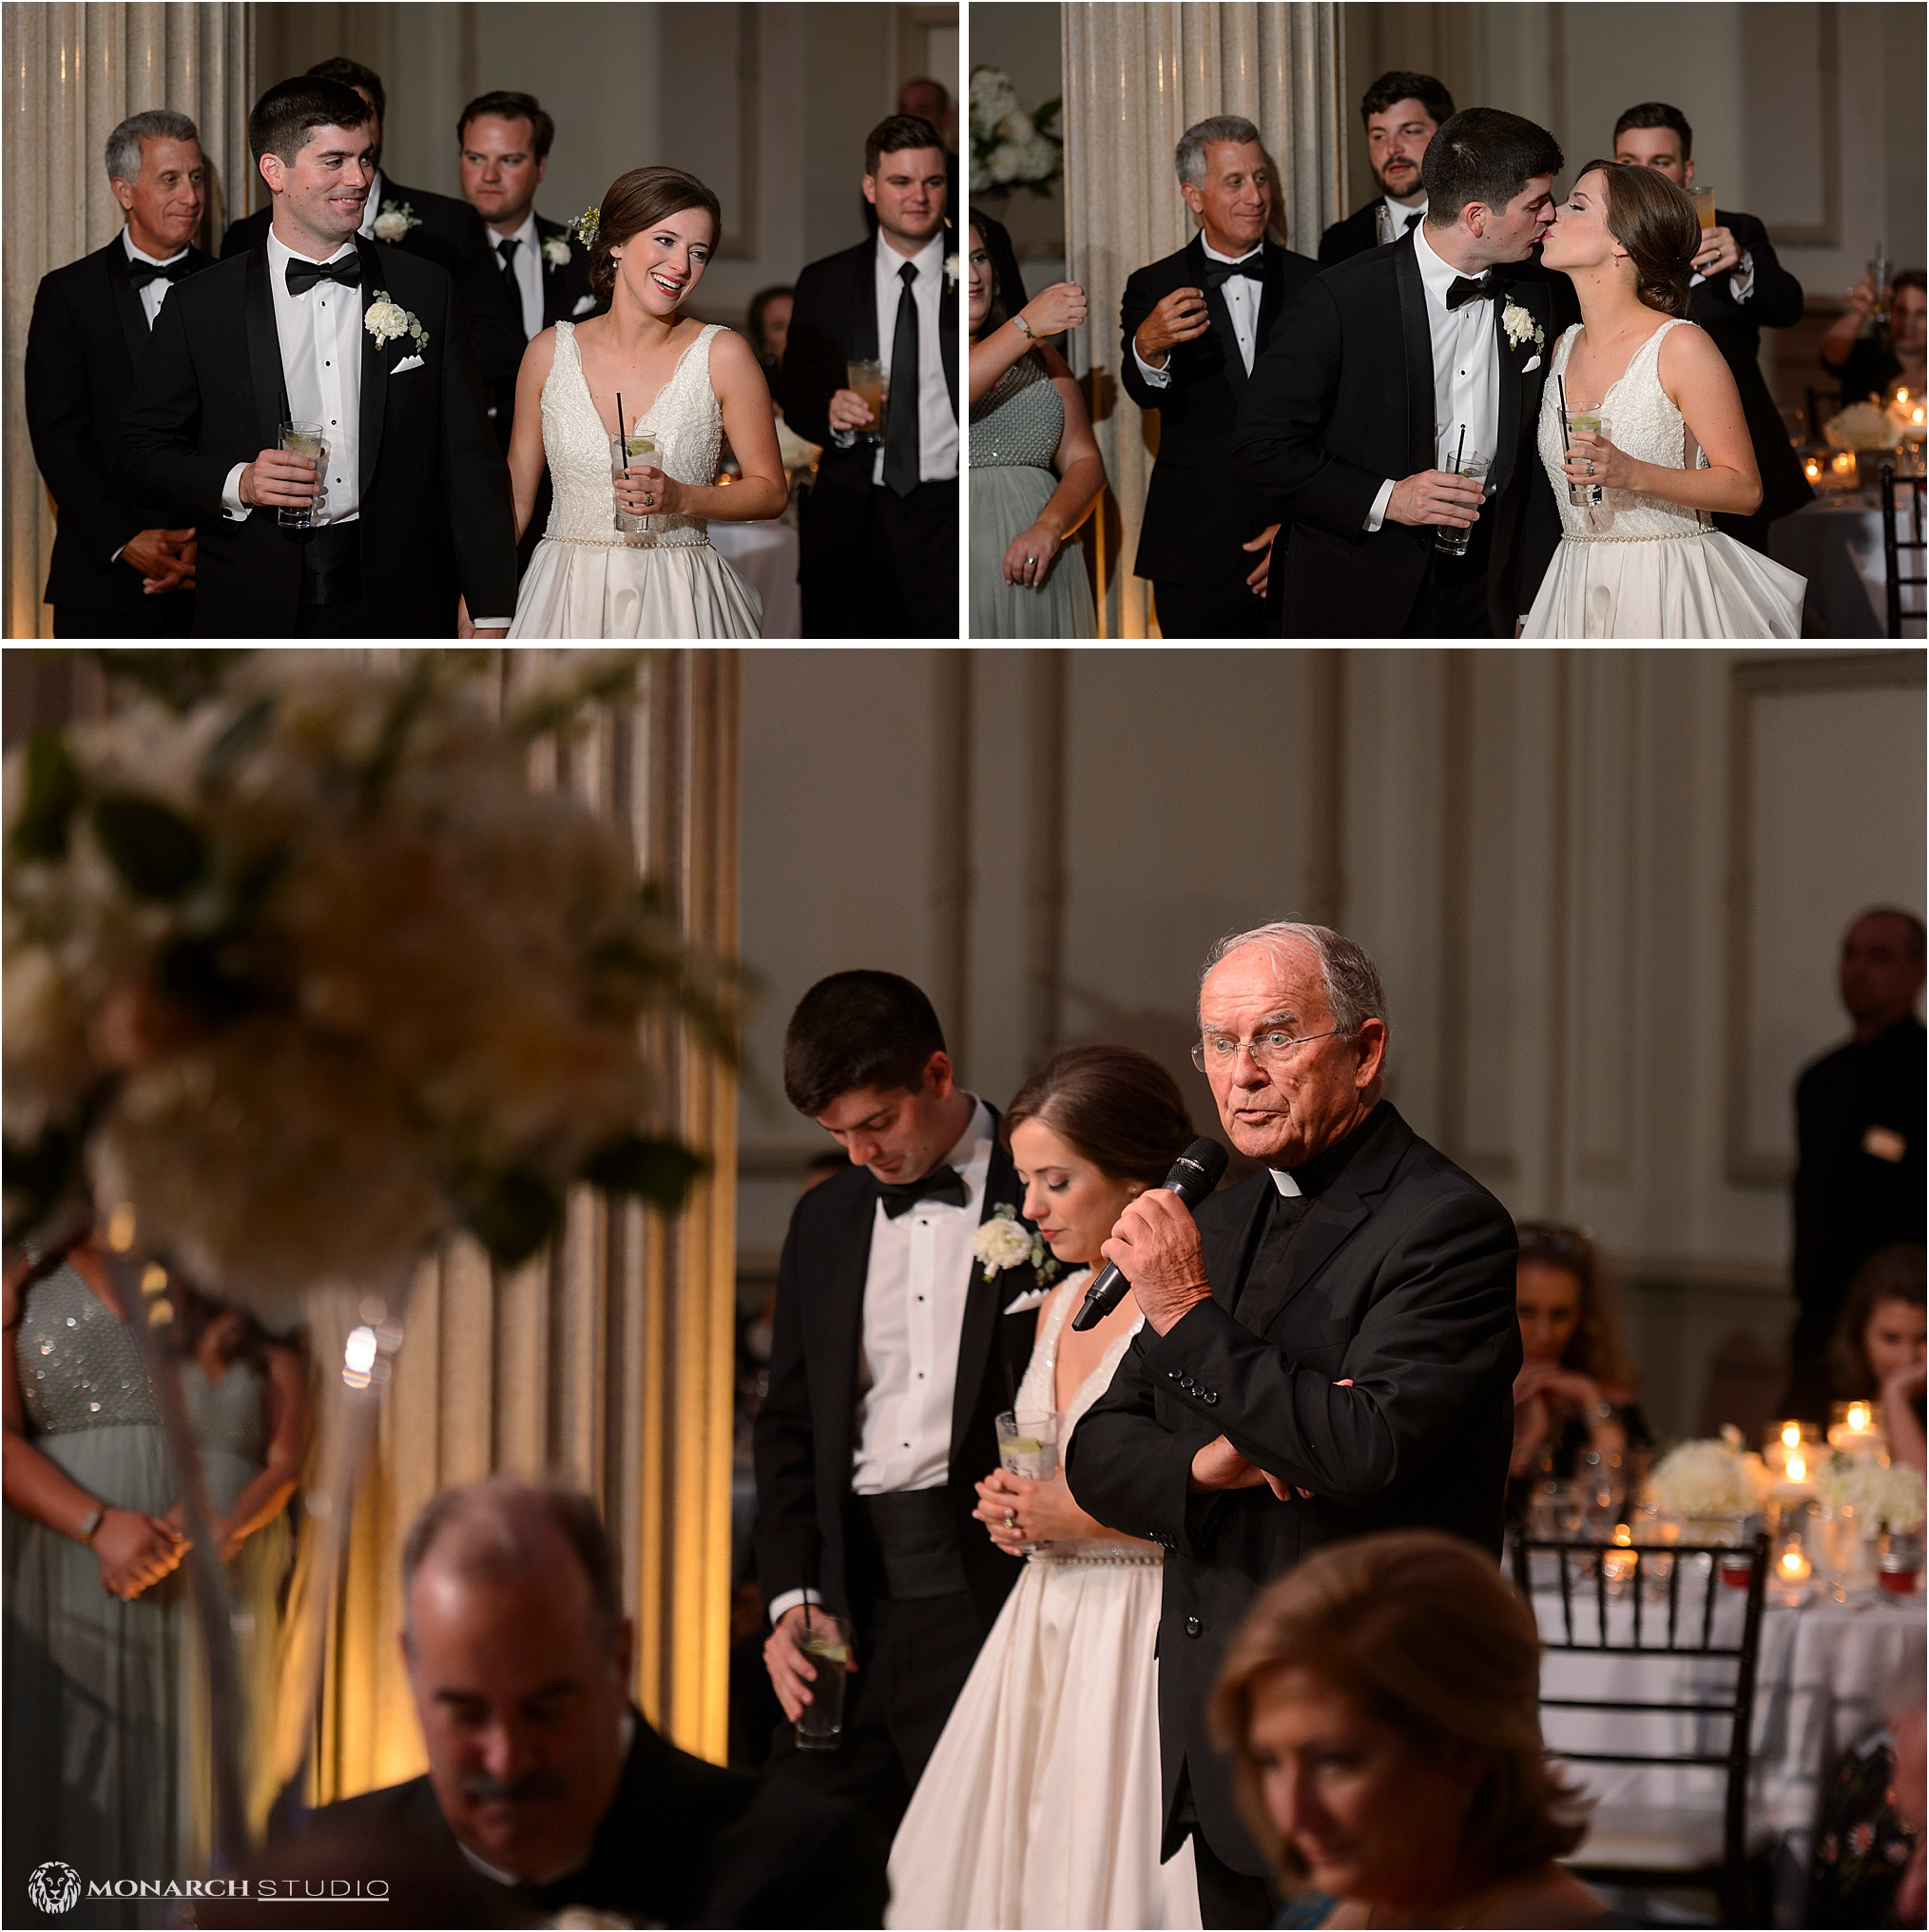 Wedding-PHotographer-in-st-augustine-2019-103.jpg